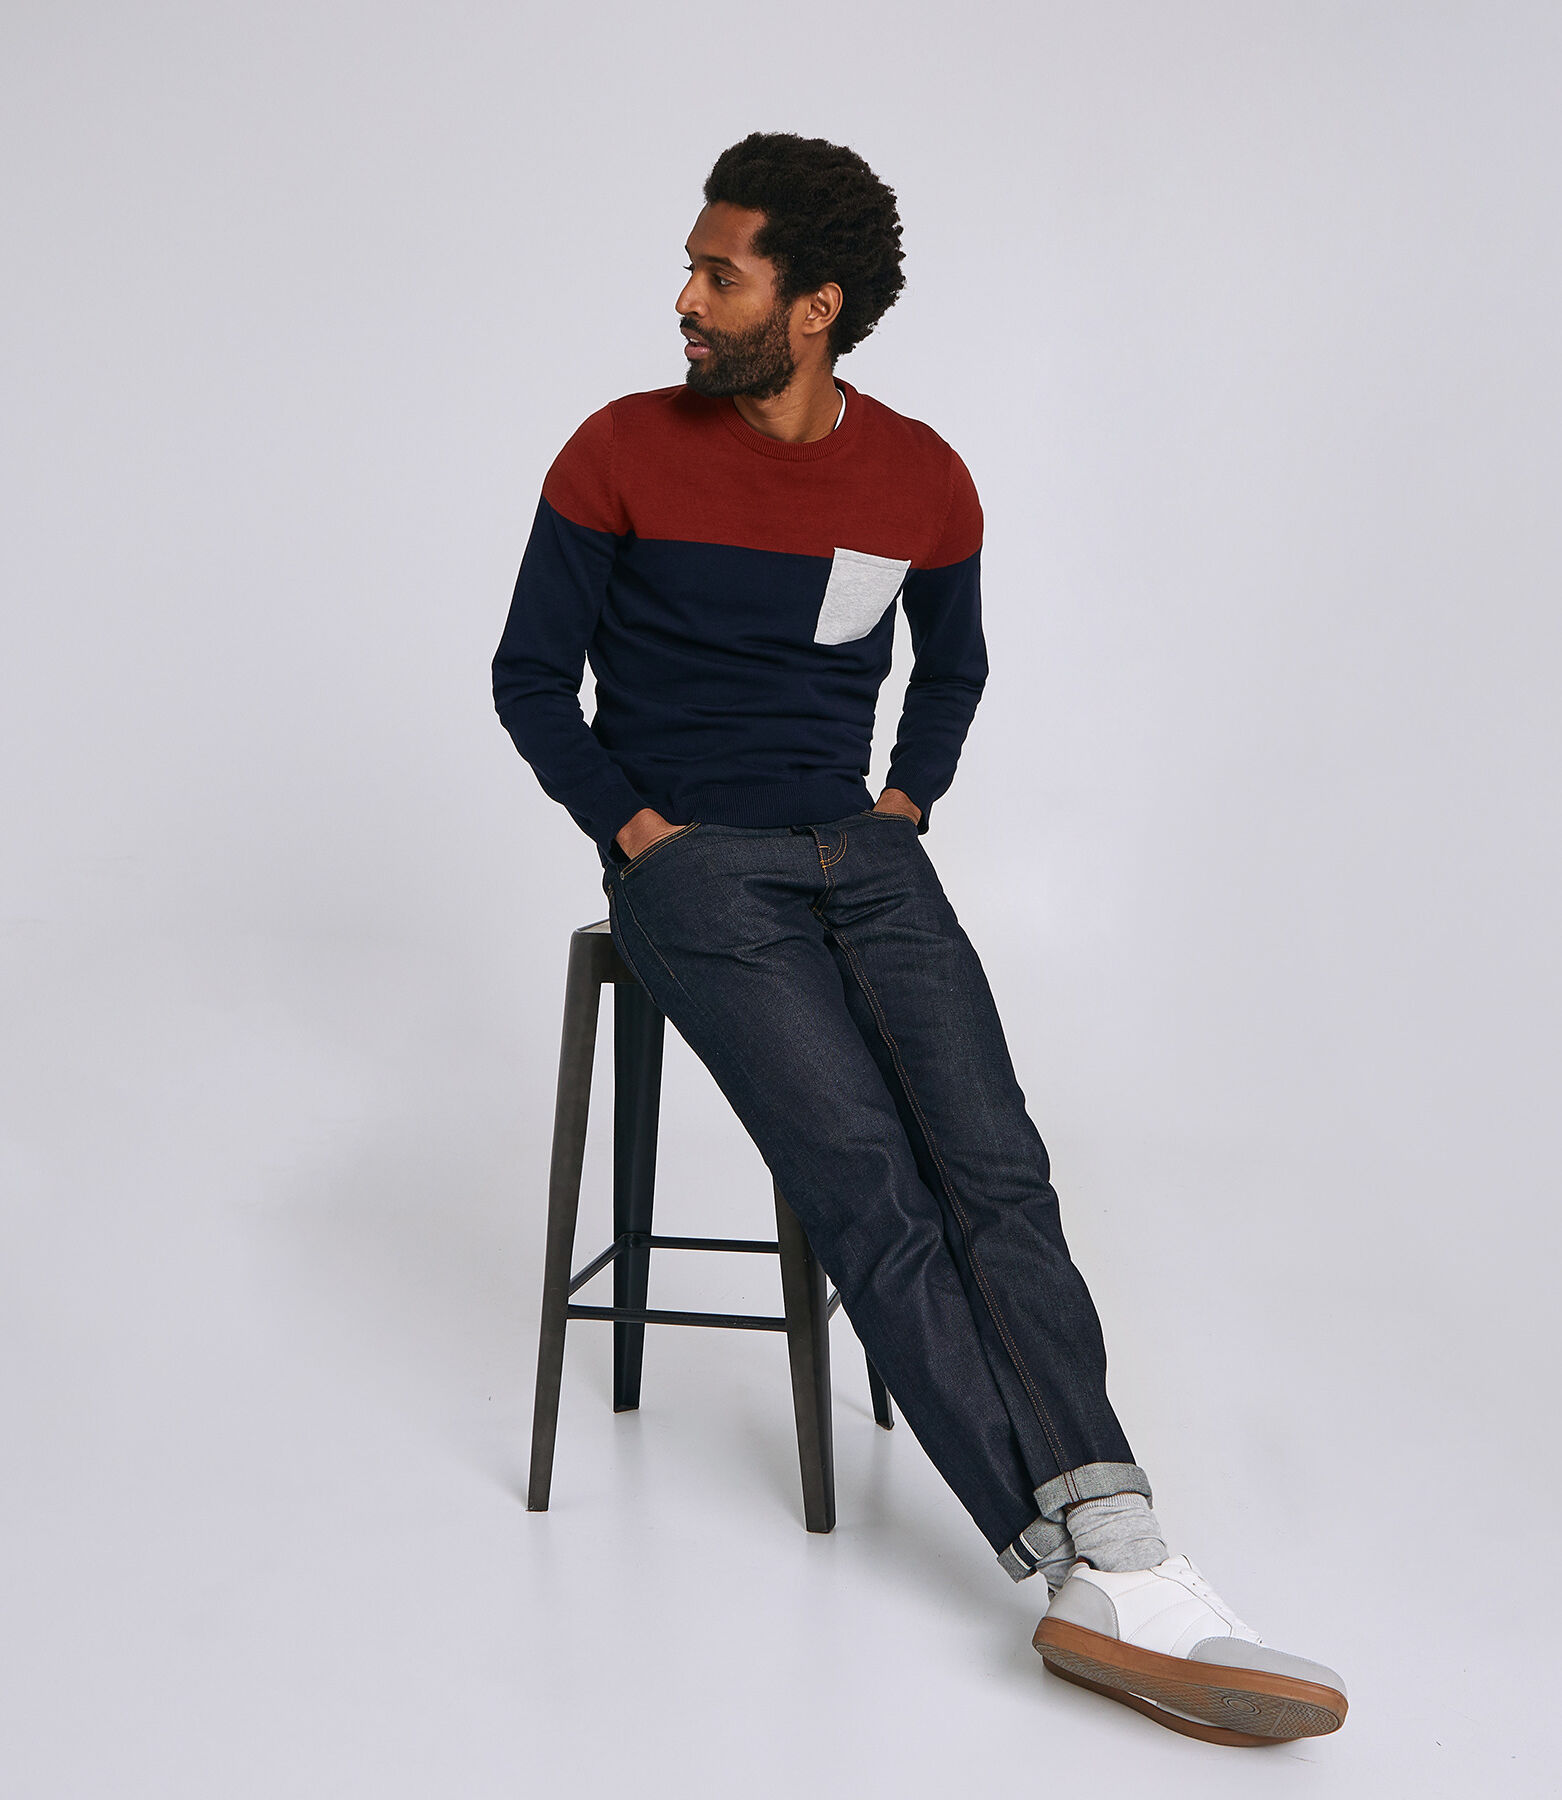 Pull jersey colorblock poche - coton issu de l'agr